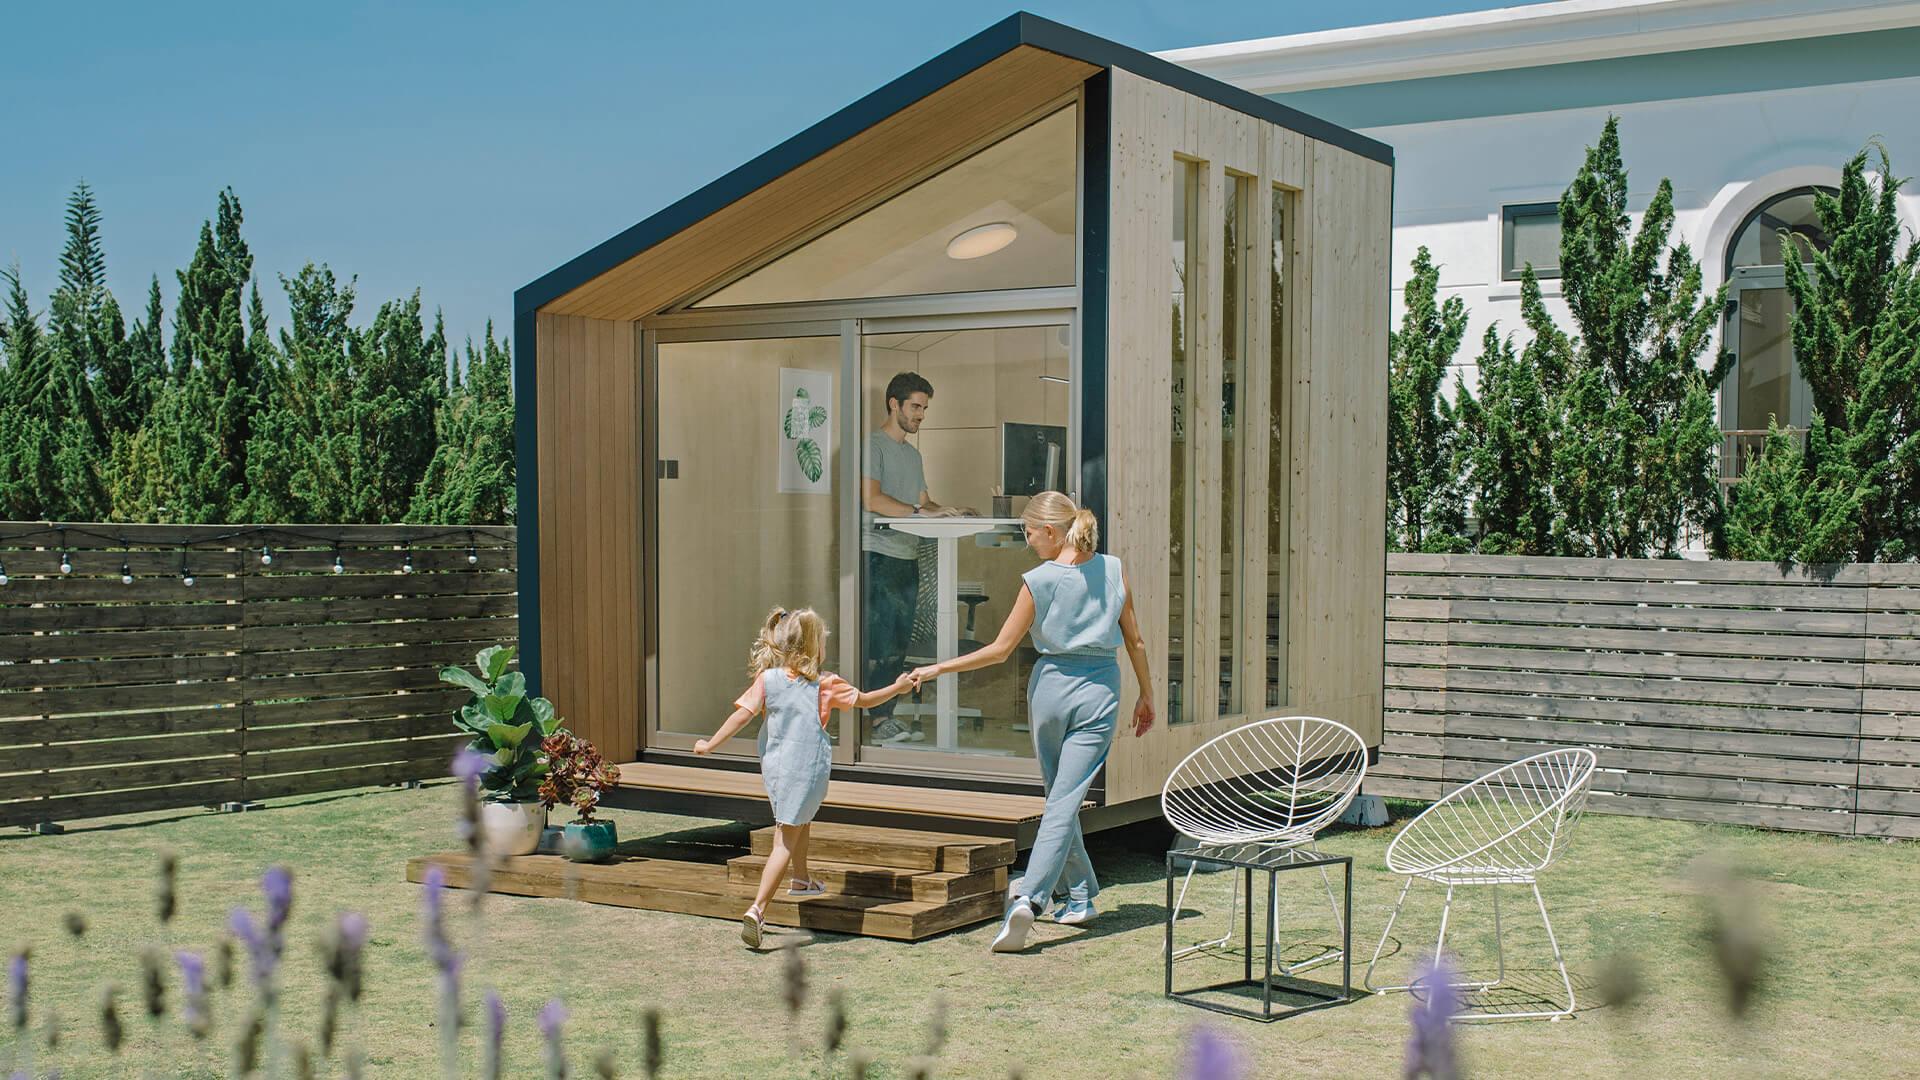 Outdoor office pod in a garden